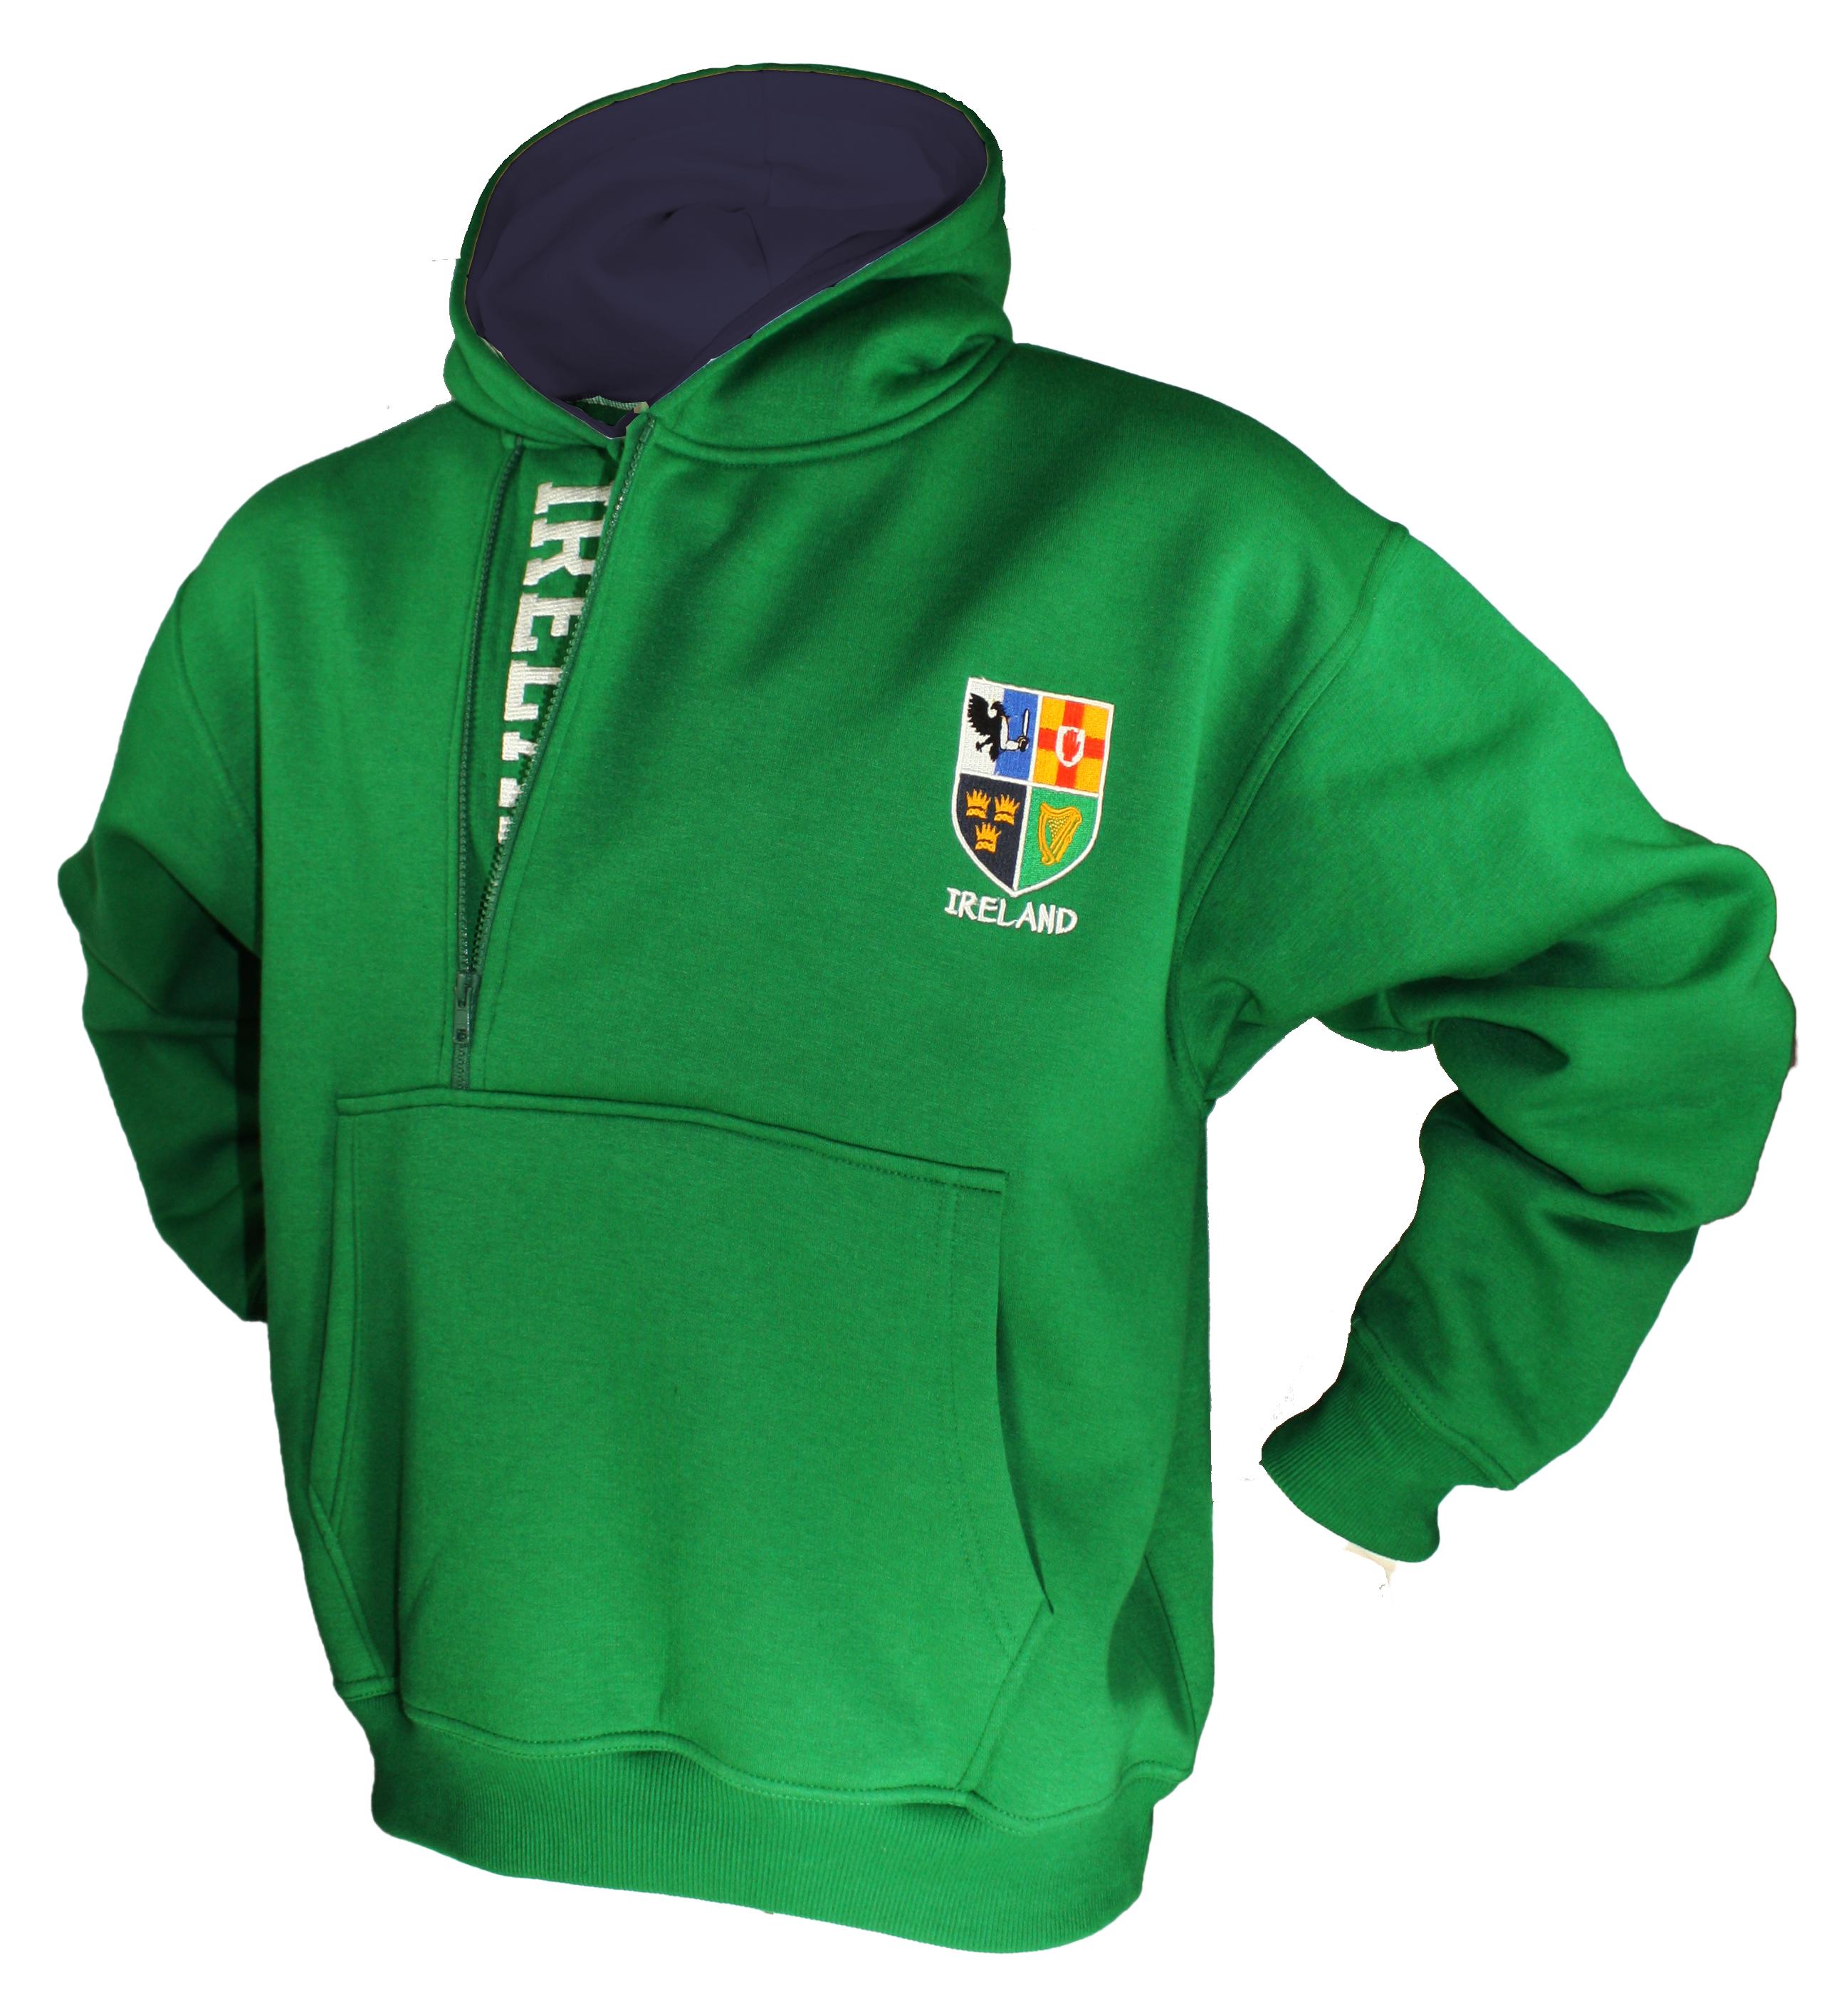 Men-039-s-Half-Zip-Hoodie-Pullover-Sweatshirt-Ireland-Navy-and-Green thumbnail 12